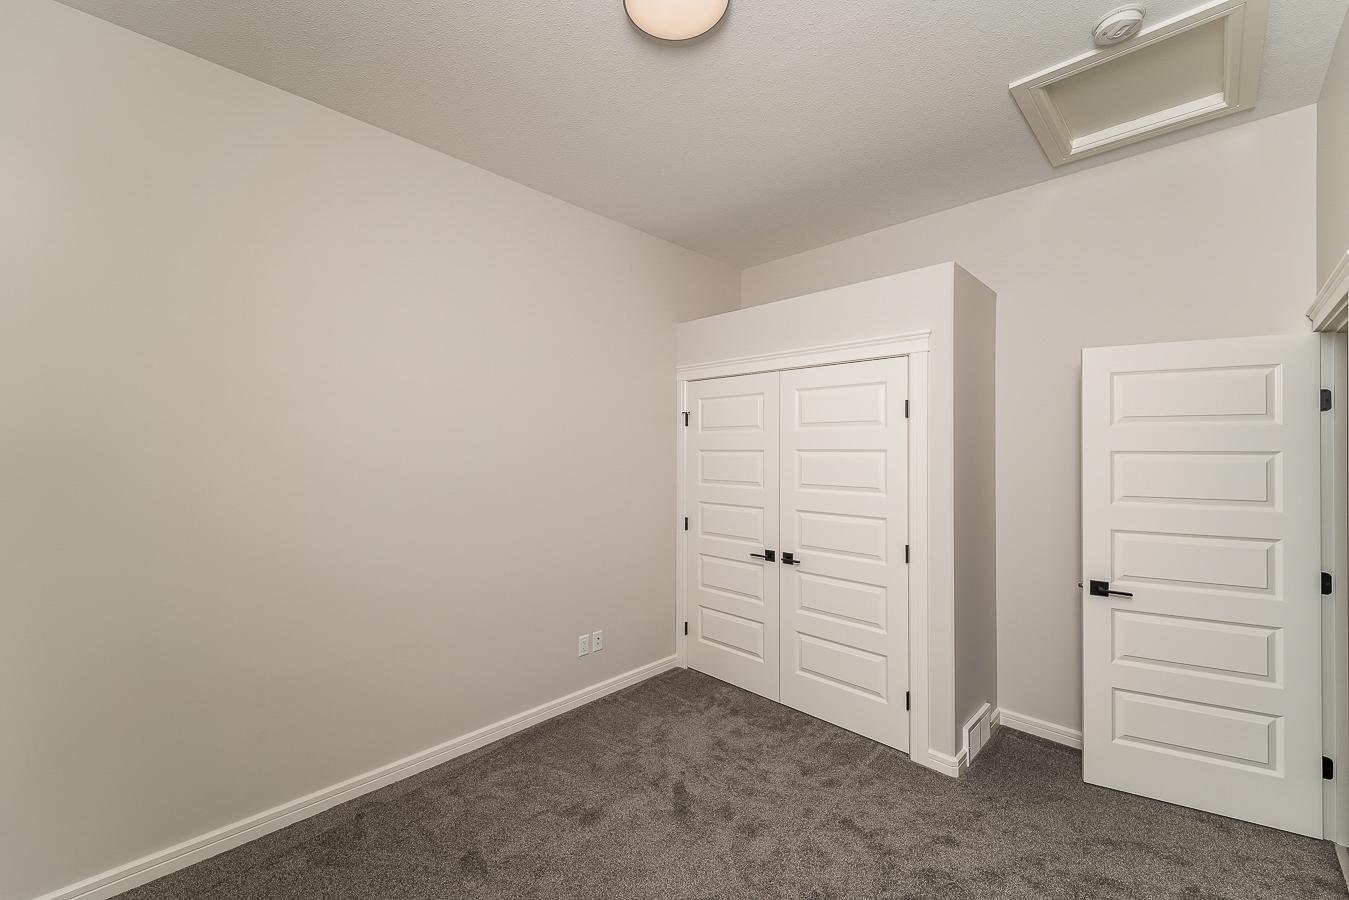 bedroom 2 & 3